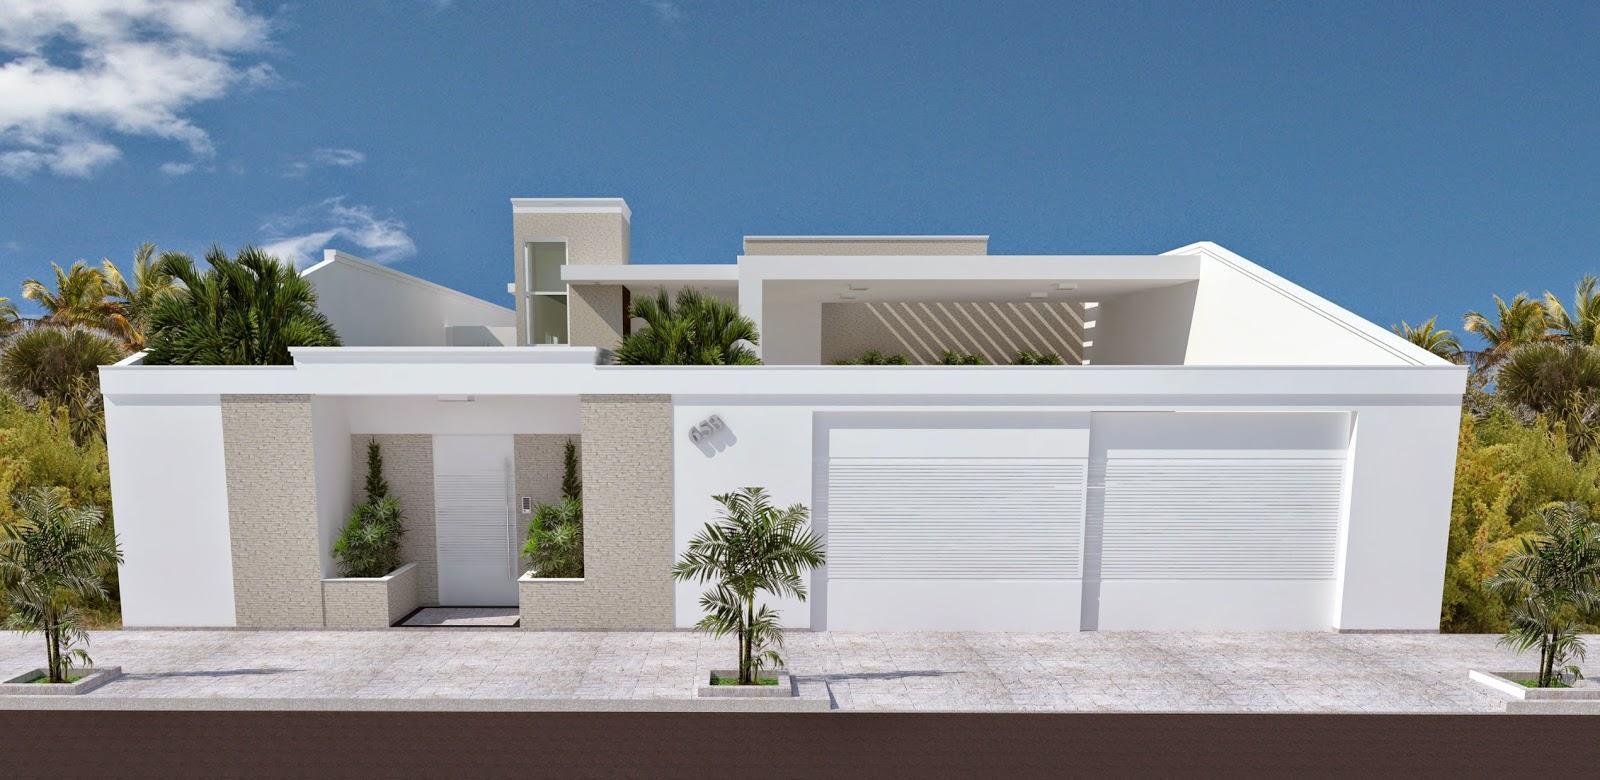 fotos de muros para frentes de casas 60 Modelos De Muros Residenciais Fachadas Fotos E Dicas